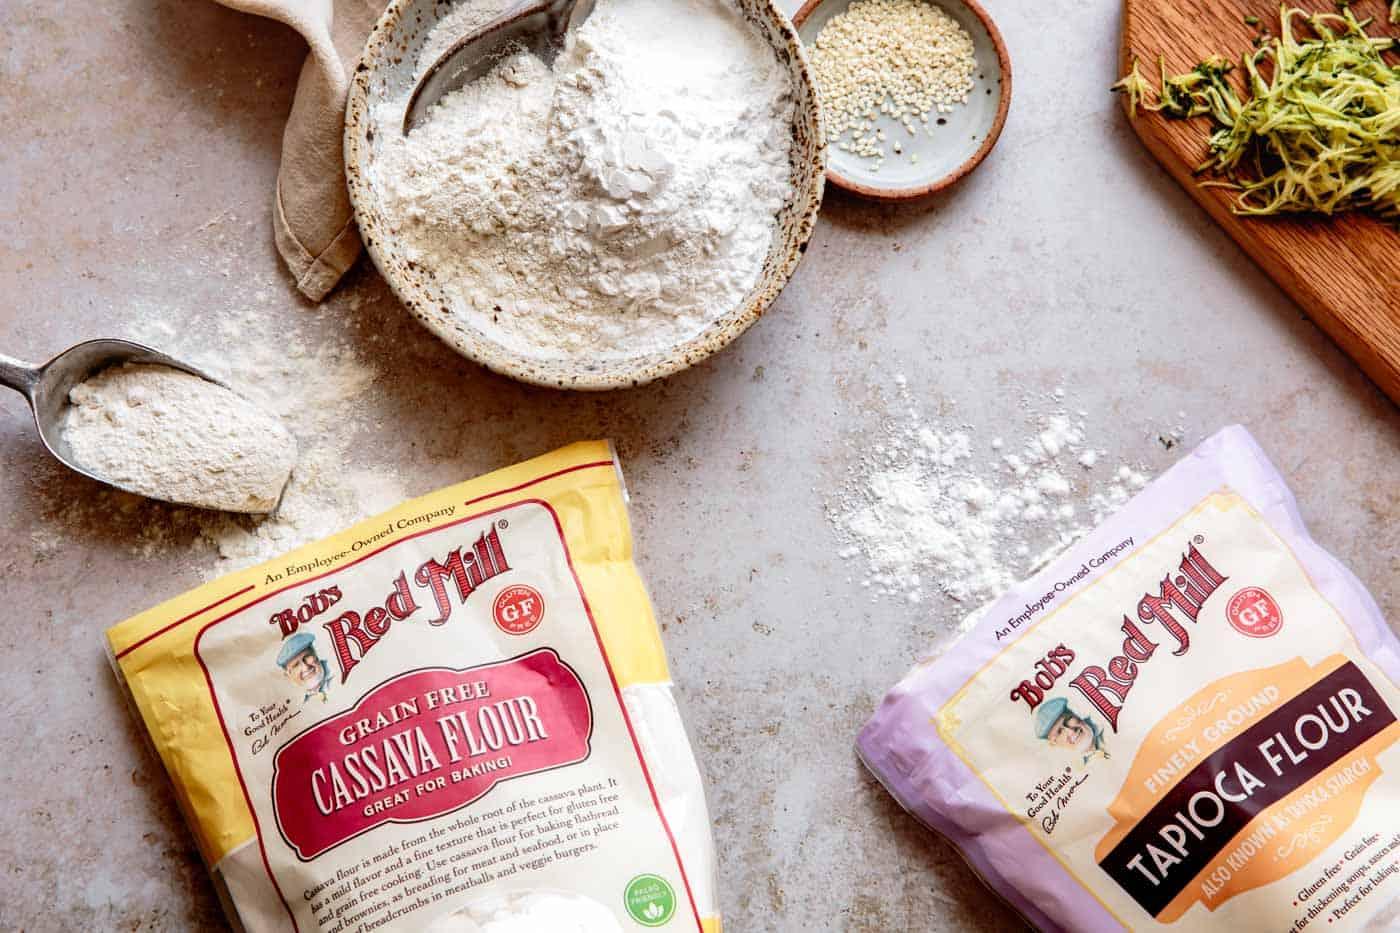 Cassava flour and tapioca flour